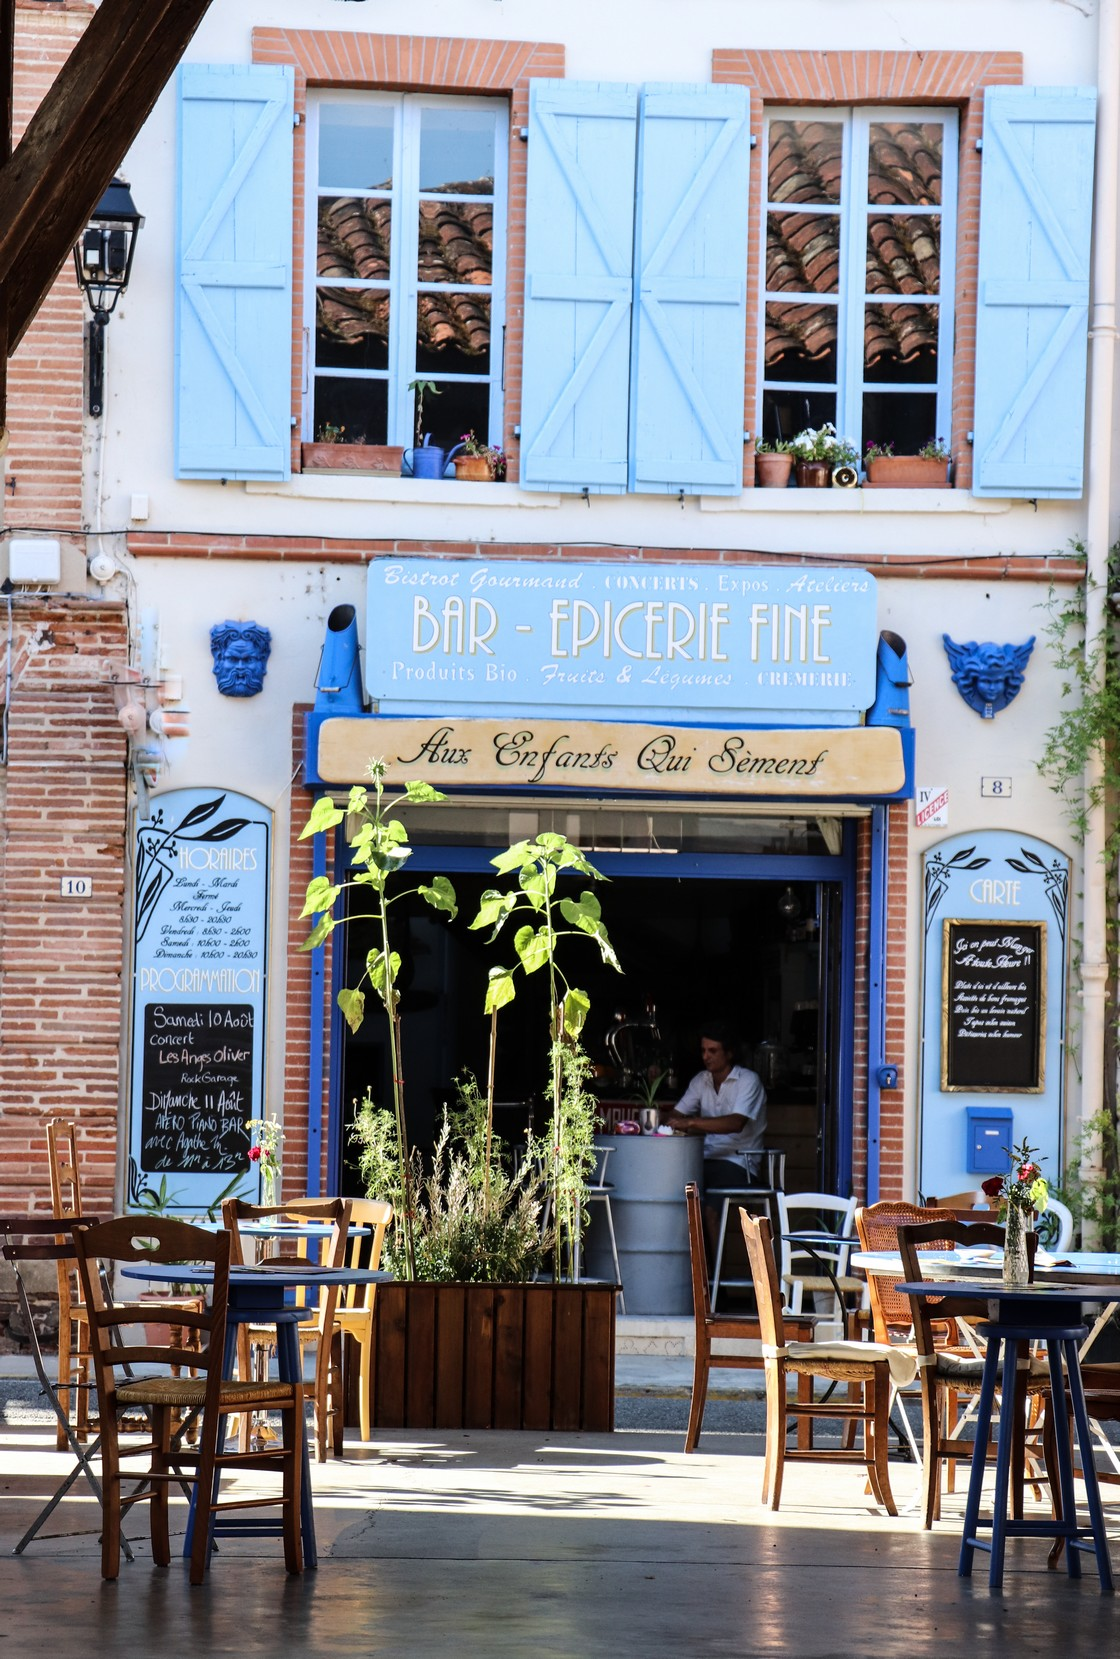 Rieux Volvestre Aux enfants qui sement restaurant Village à visiter Haute-Garonne